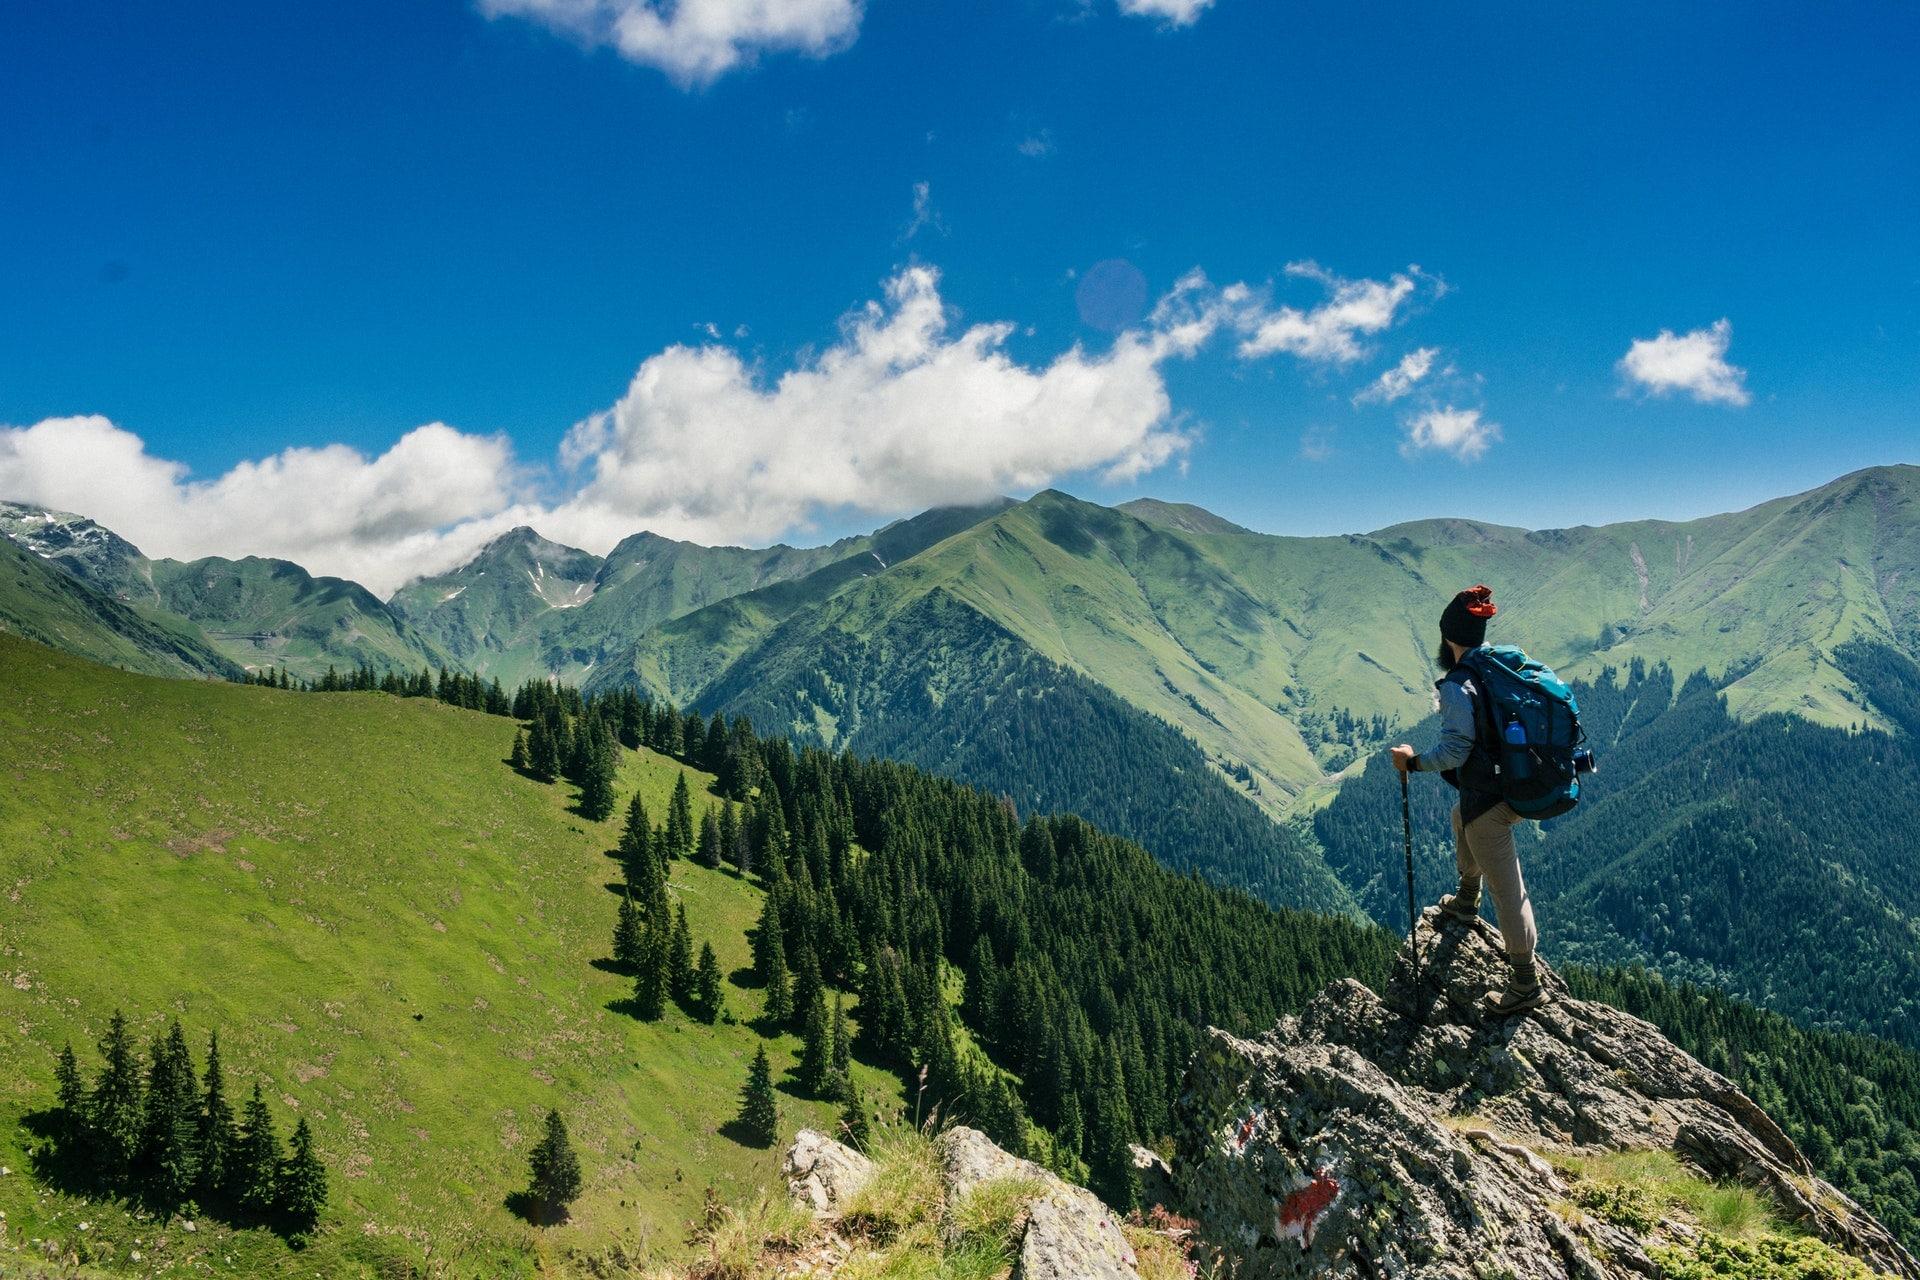 Une personne qui a escaladé une montagne - Alhaya